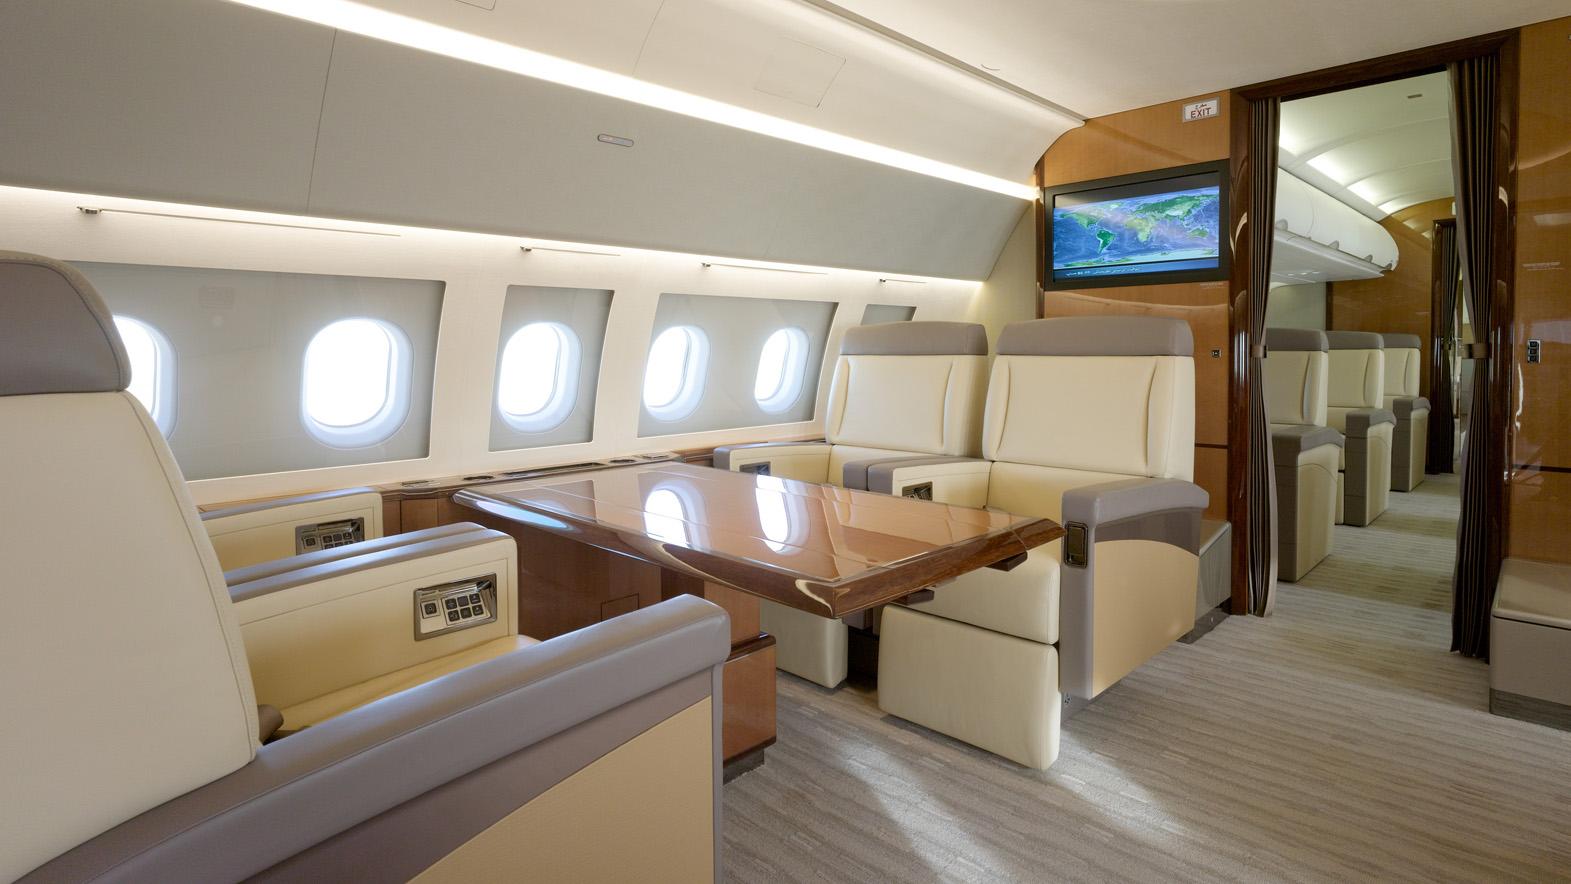 Interior of AIRBUS A319